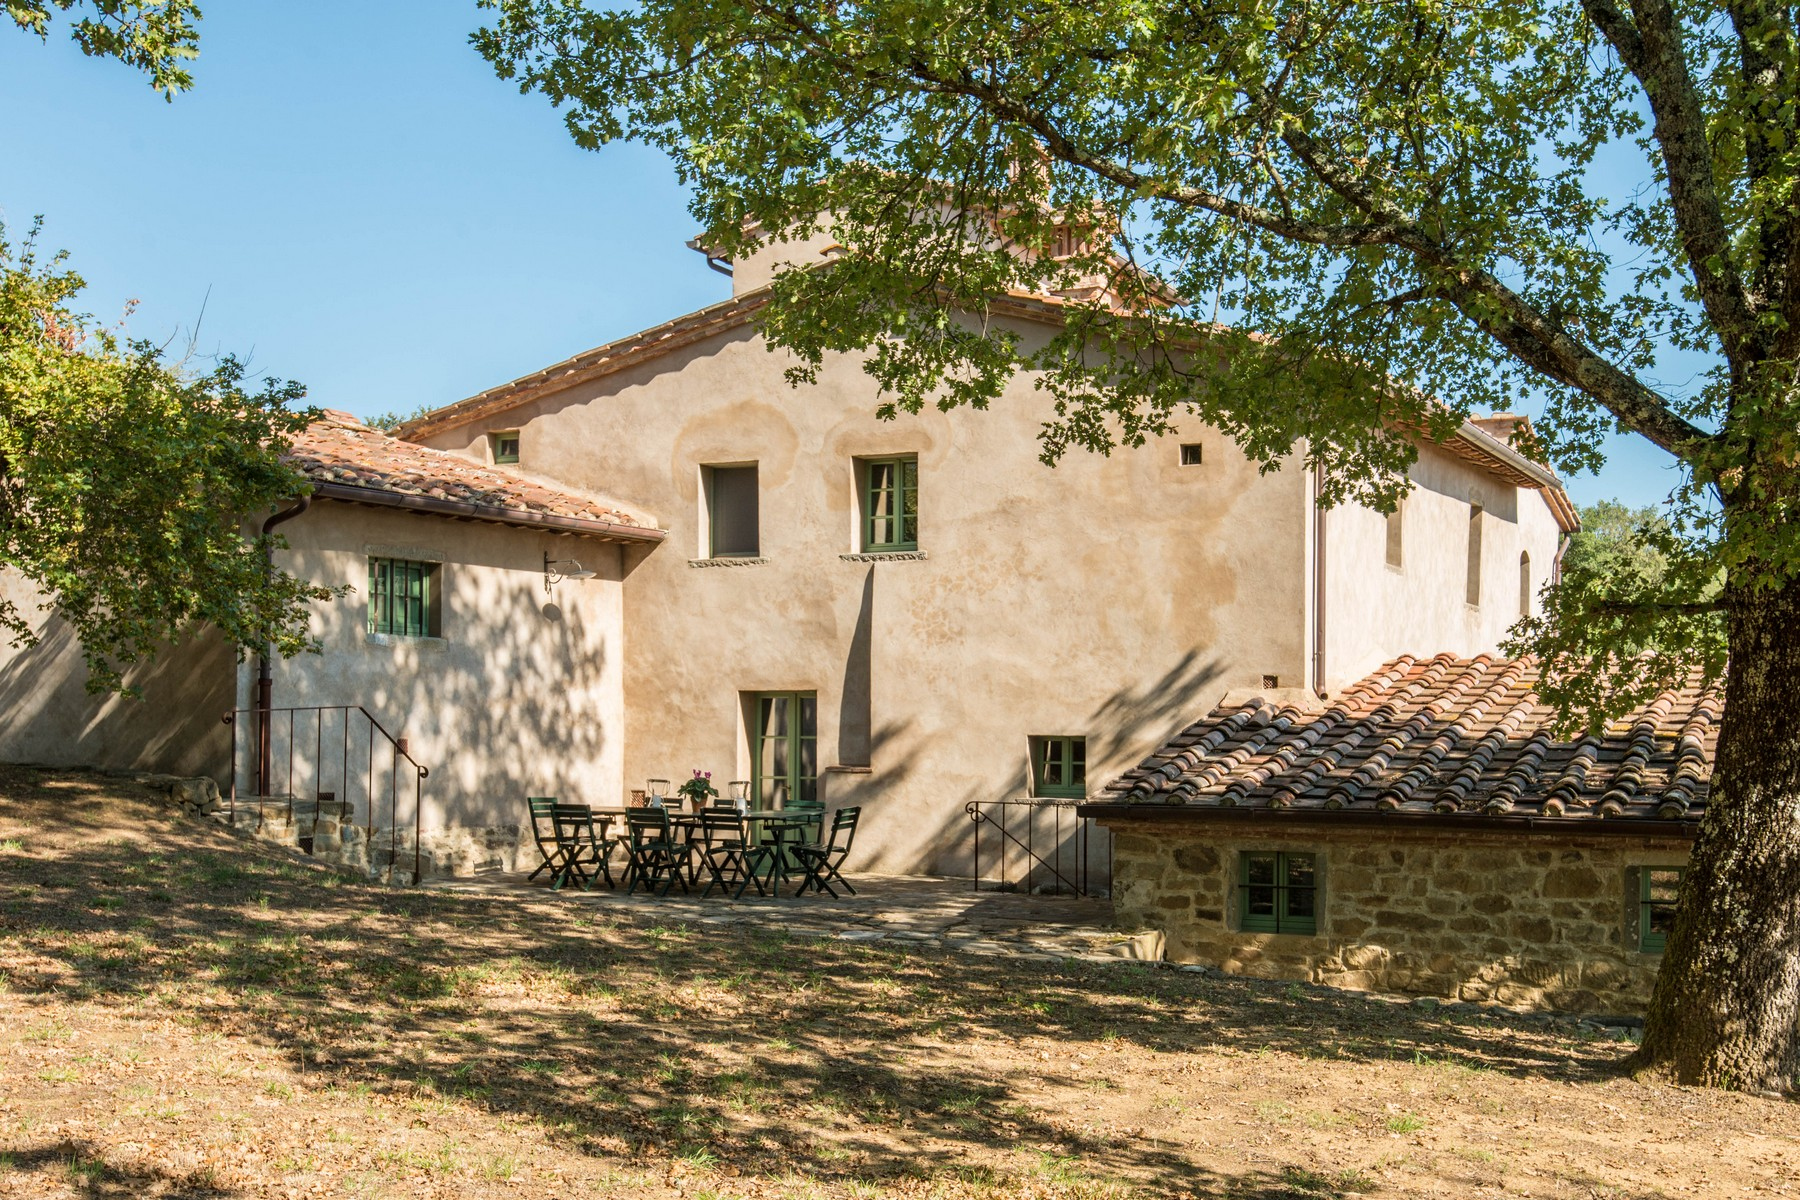 Villa in Vendita a Monte San Savino: 5 locali, 340 mq - Foto 2